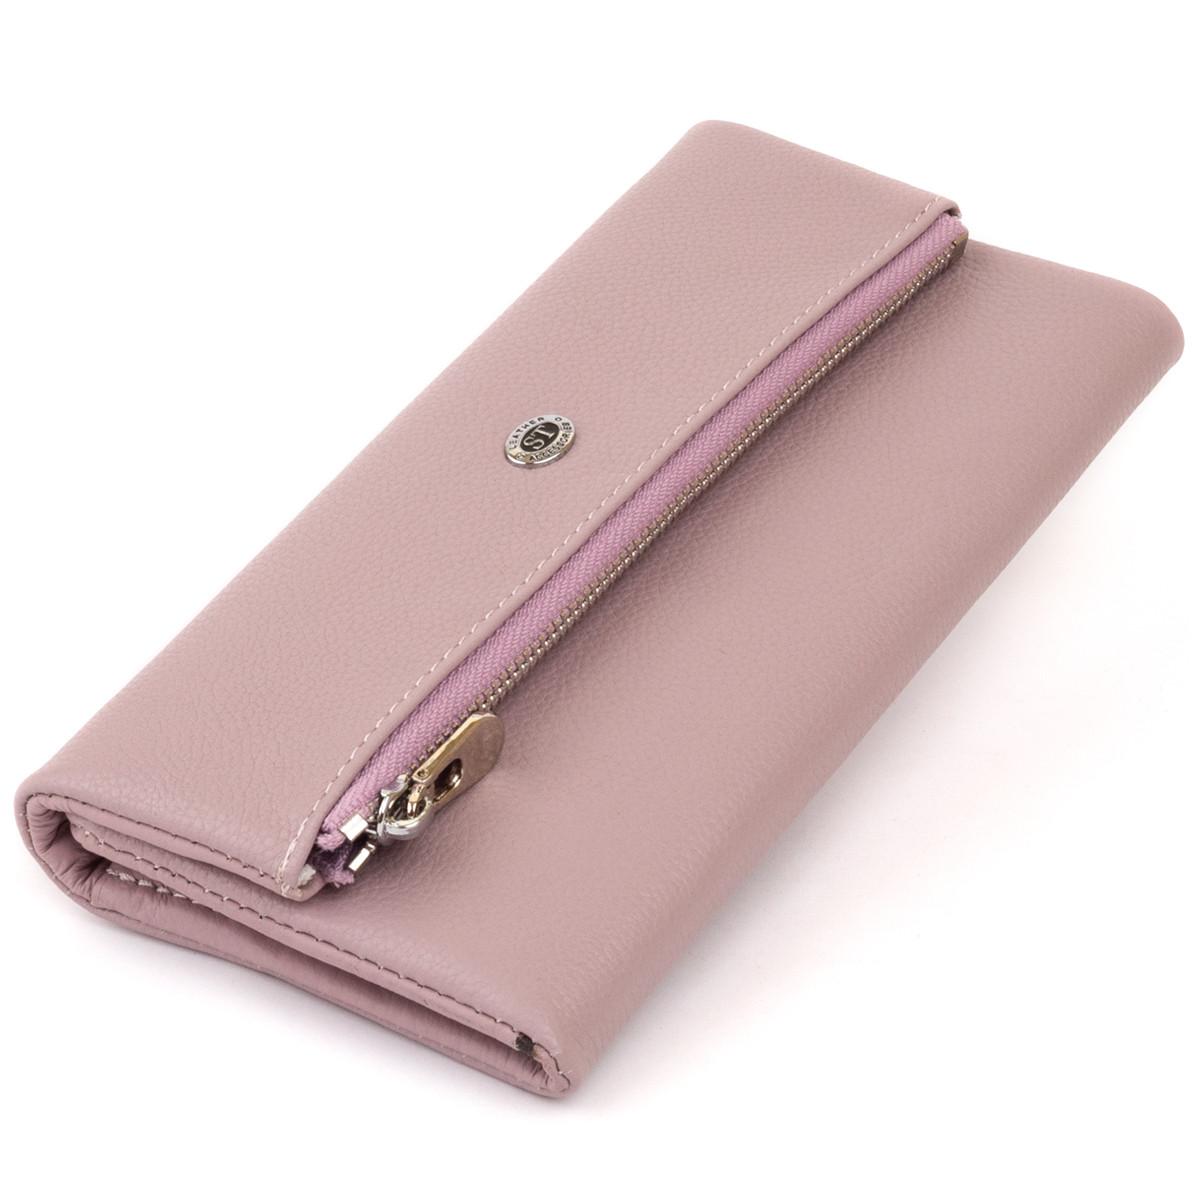 Клатч конверт з кишенею для мобільного шкіряний жіночий ST Leather 19269 Ліловий